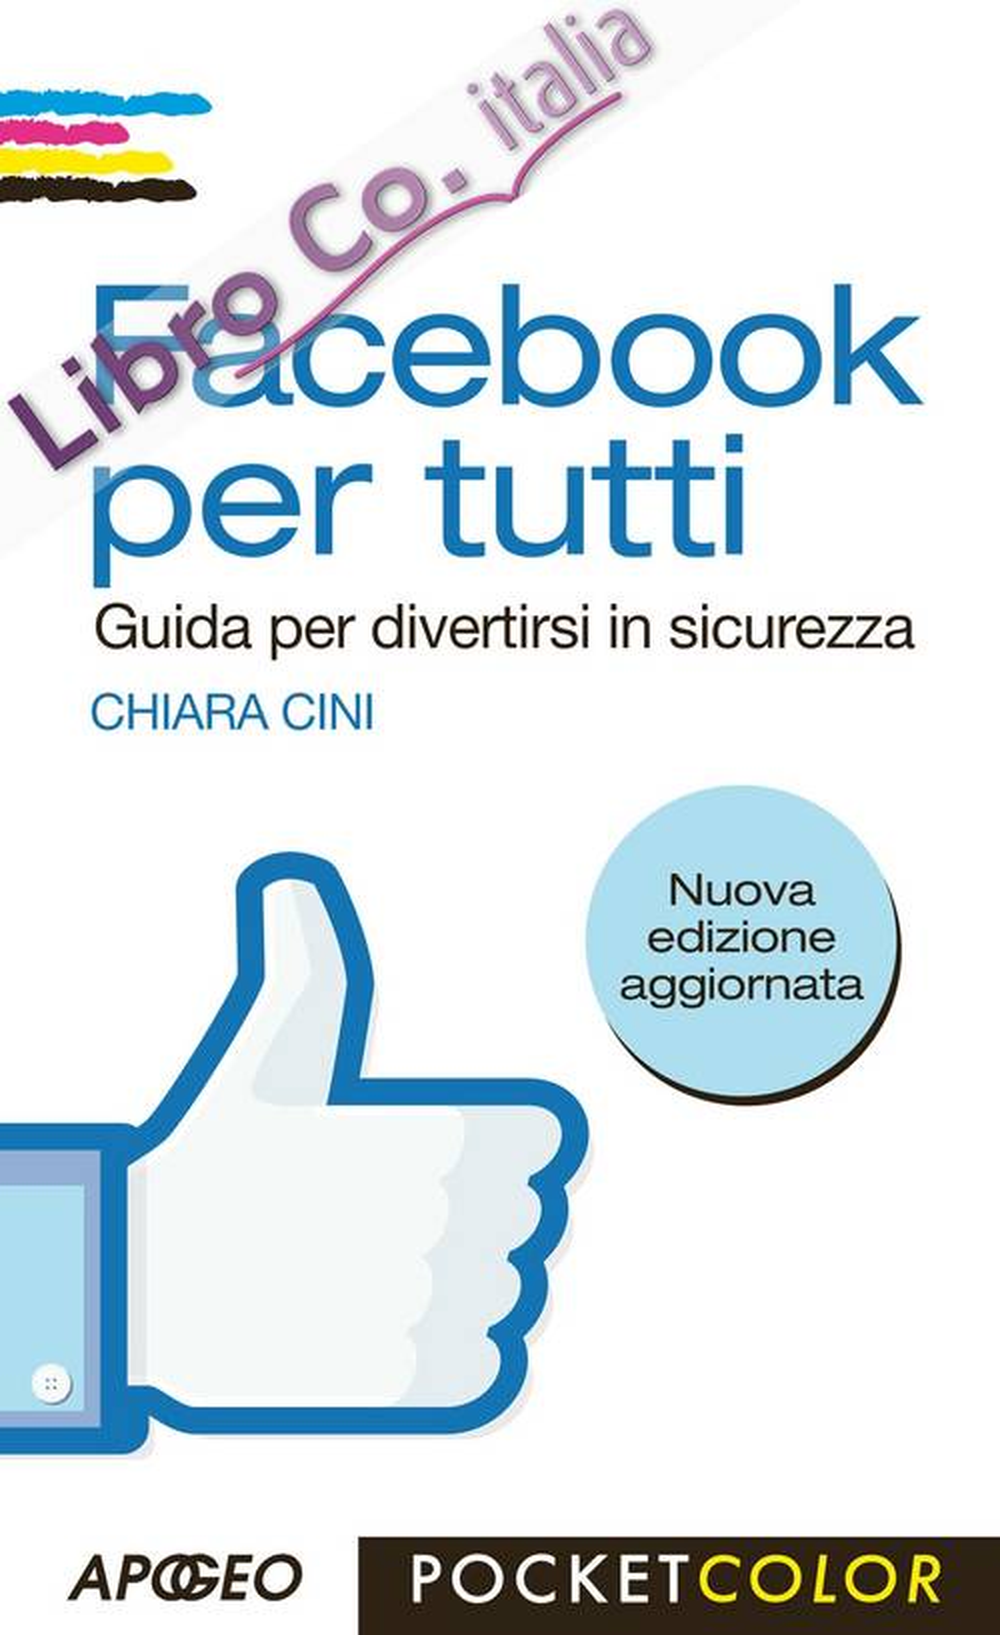 Facebook per tutti. Guida per divertirsi in sicurezza